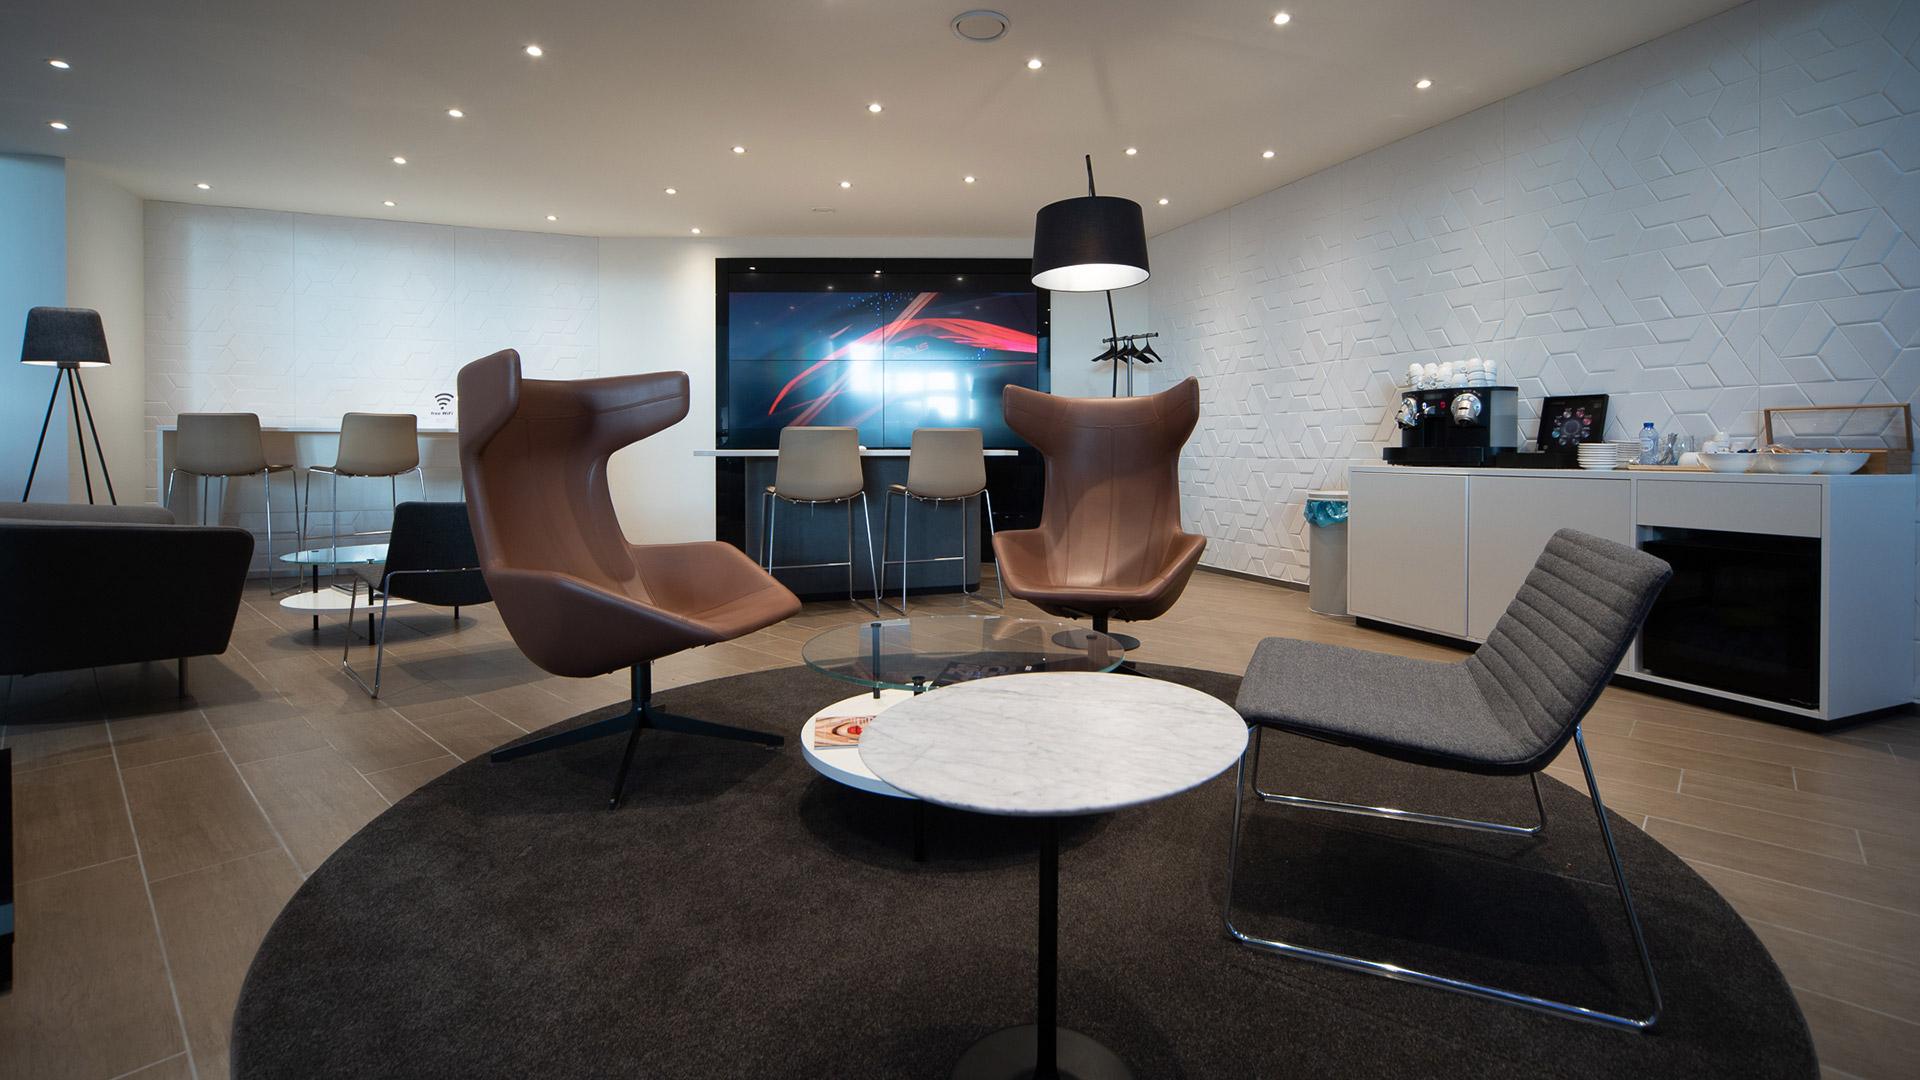 Afbeelding van het pand van Lexus Den Haag